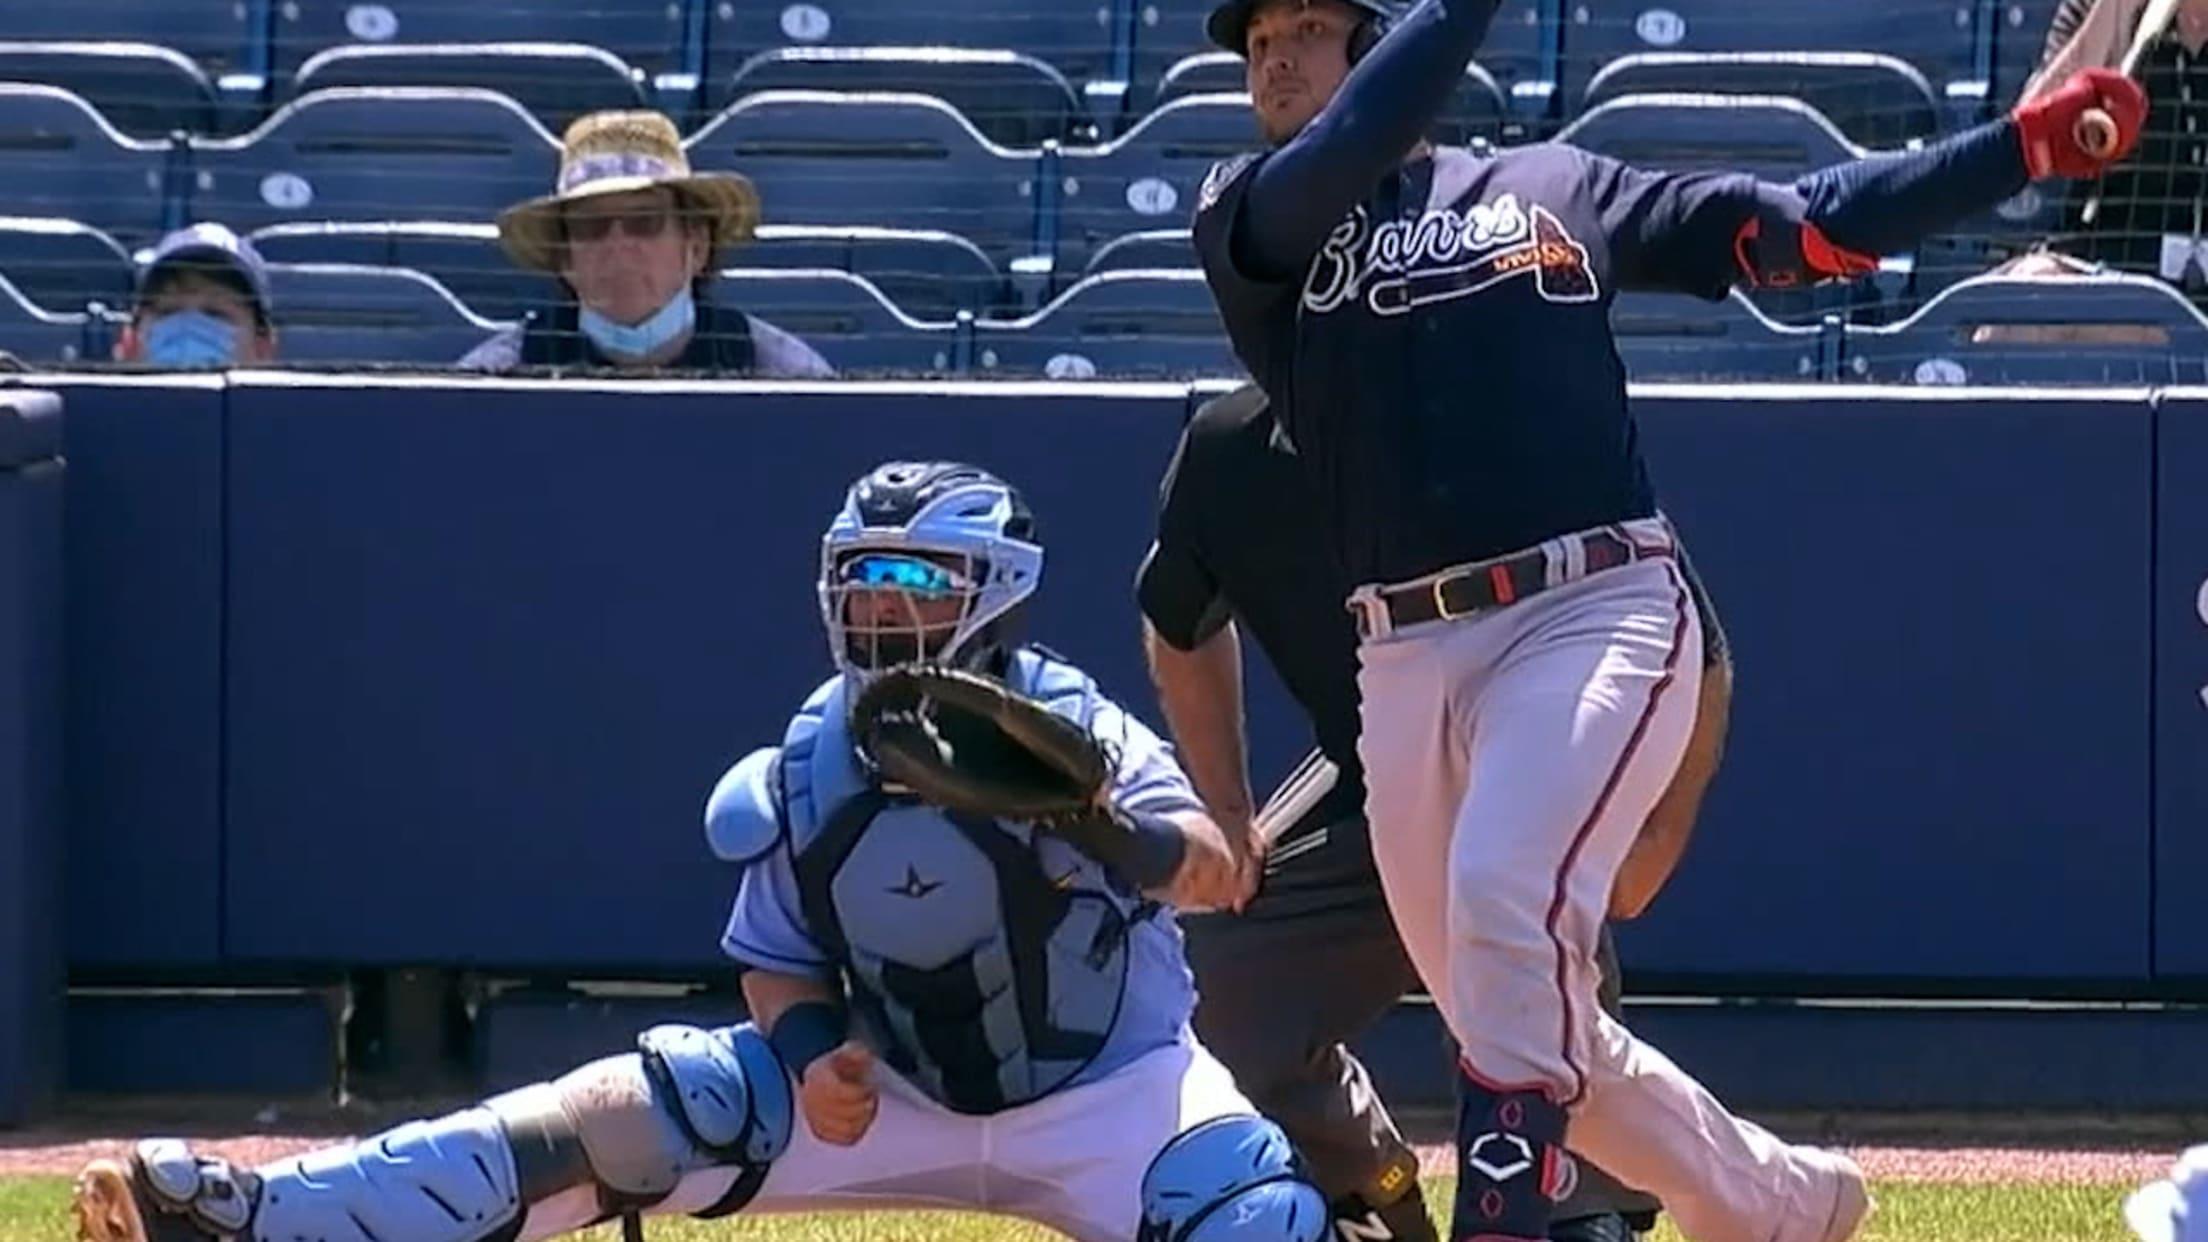 Alex Jackson's two-run home run